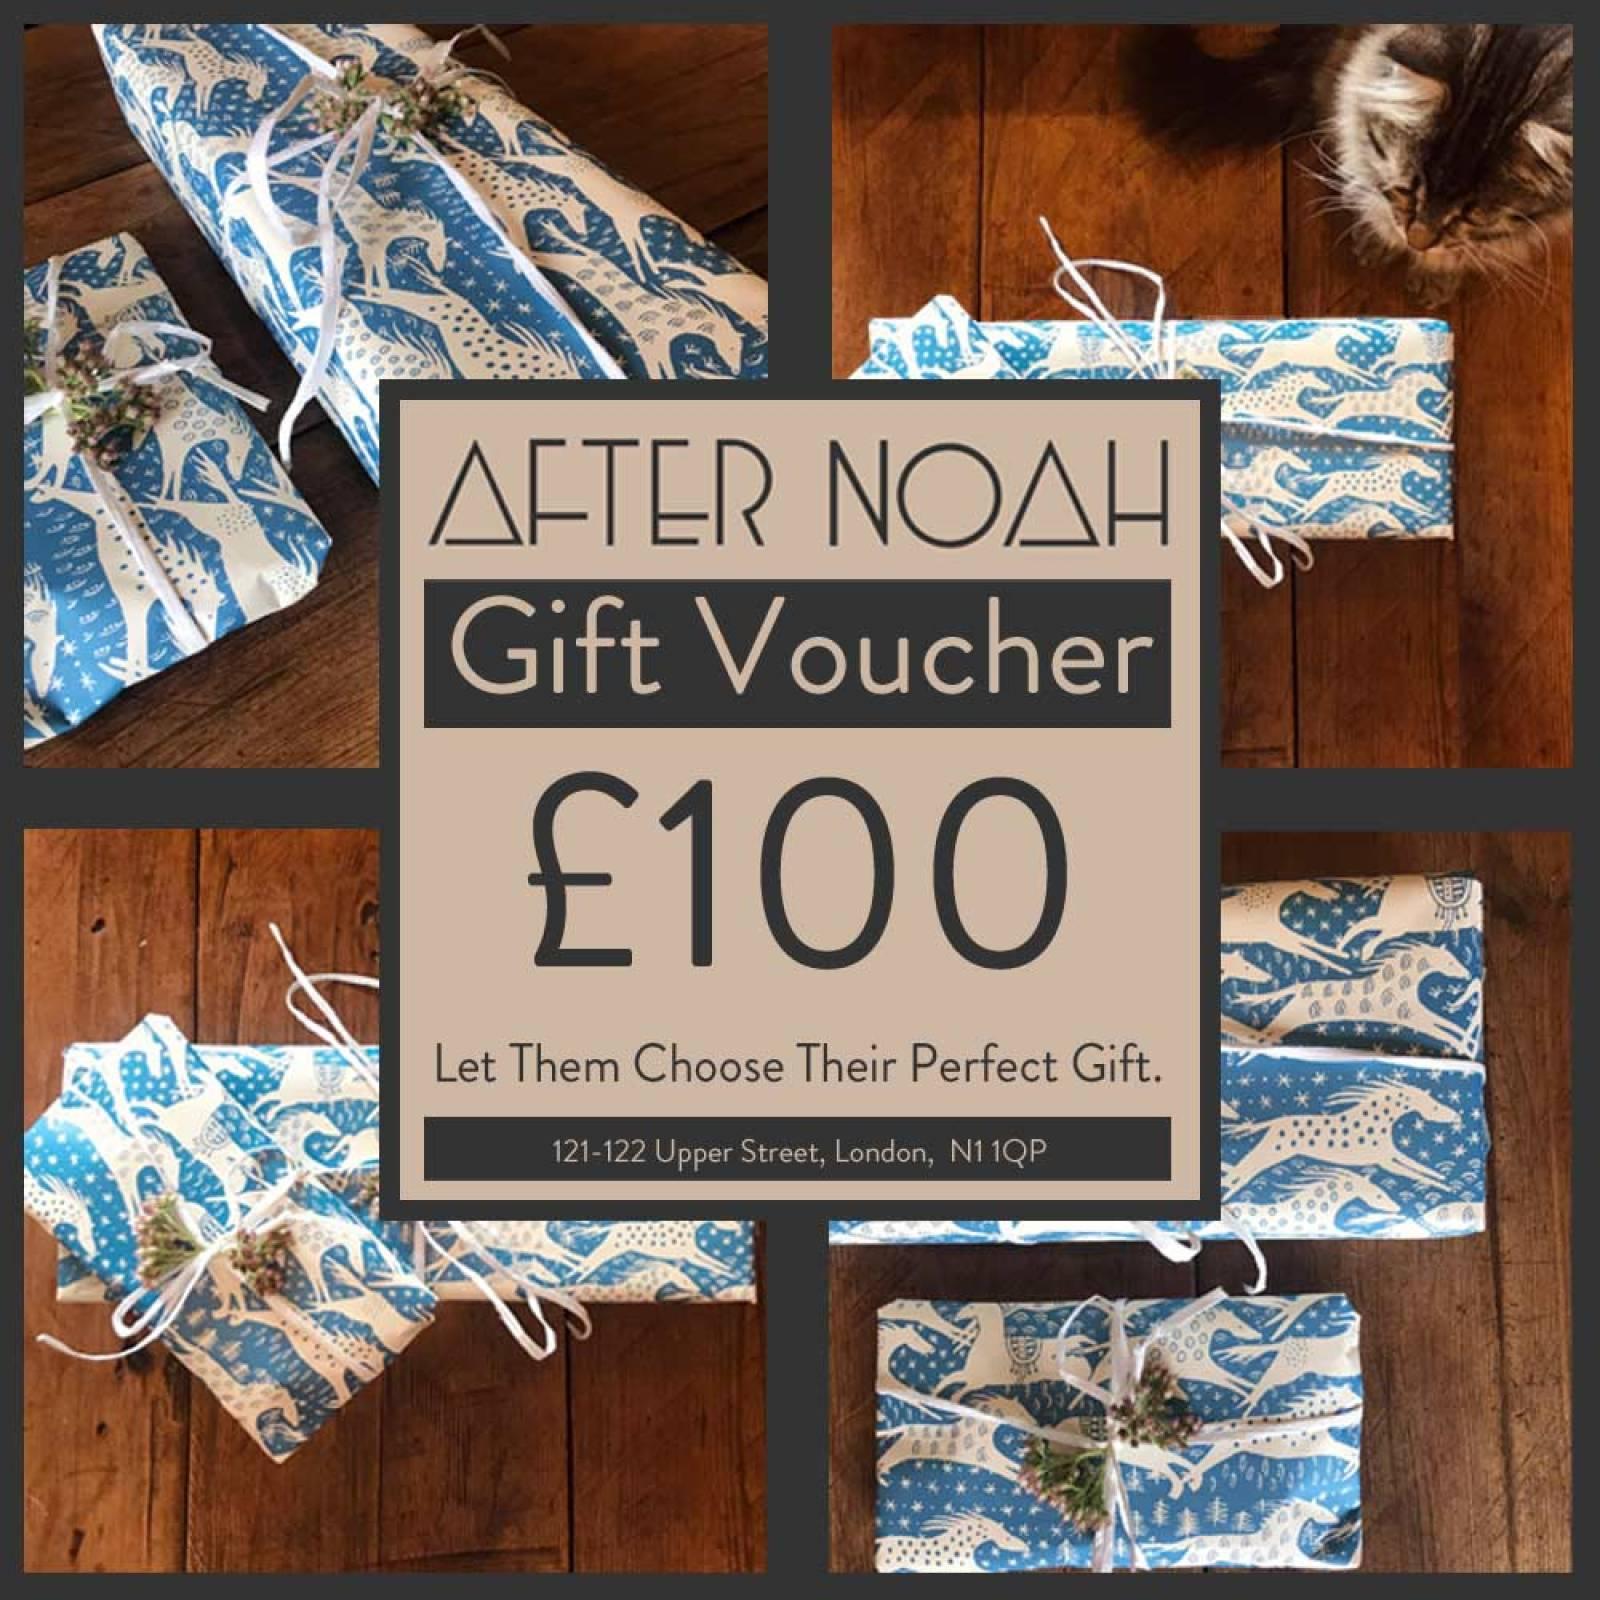 After Noah £100 Gift Voucher